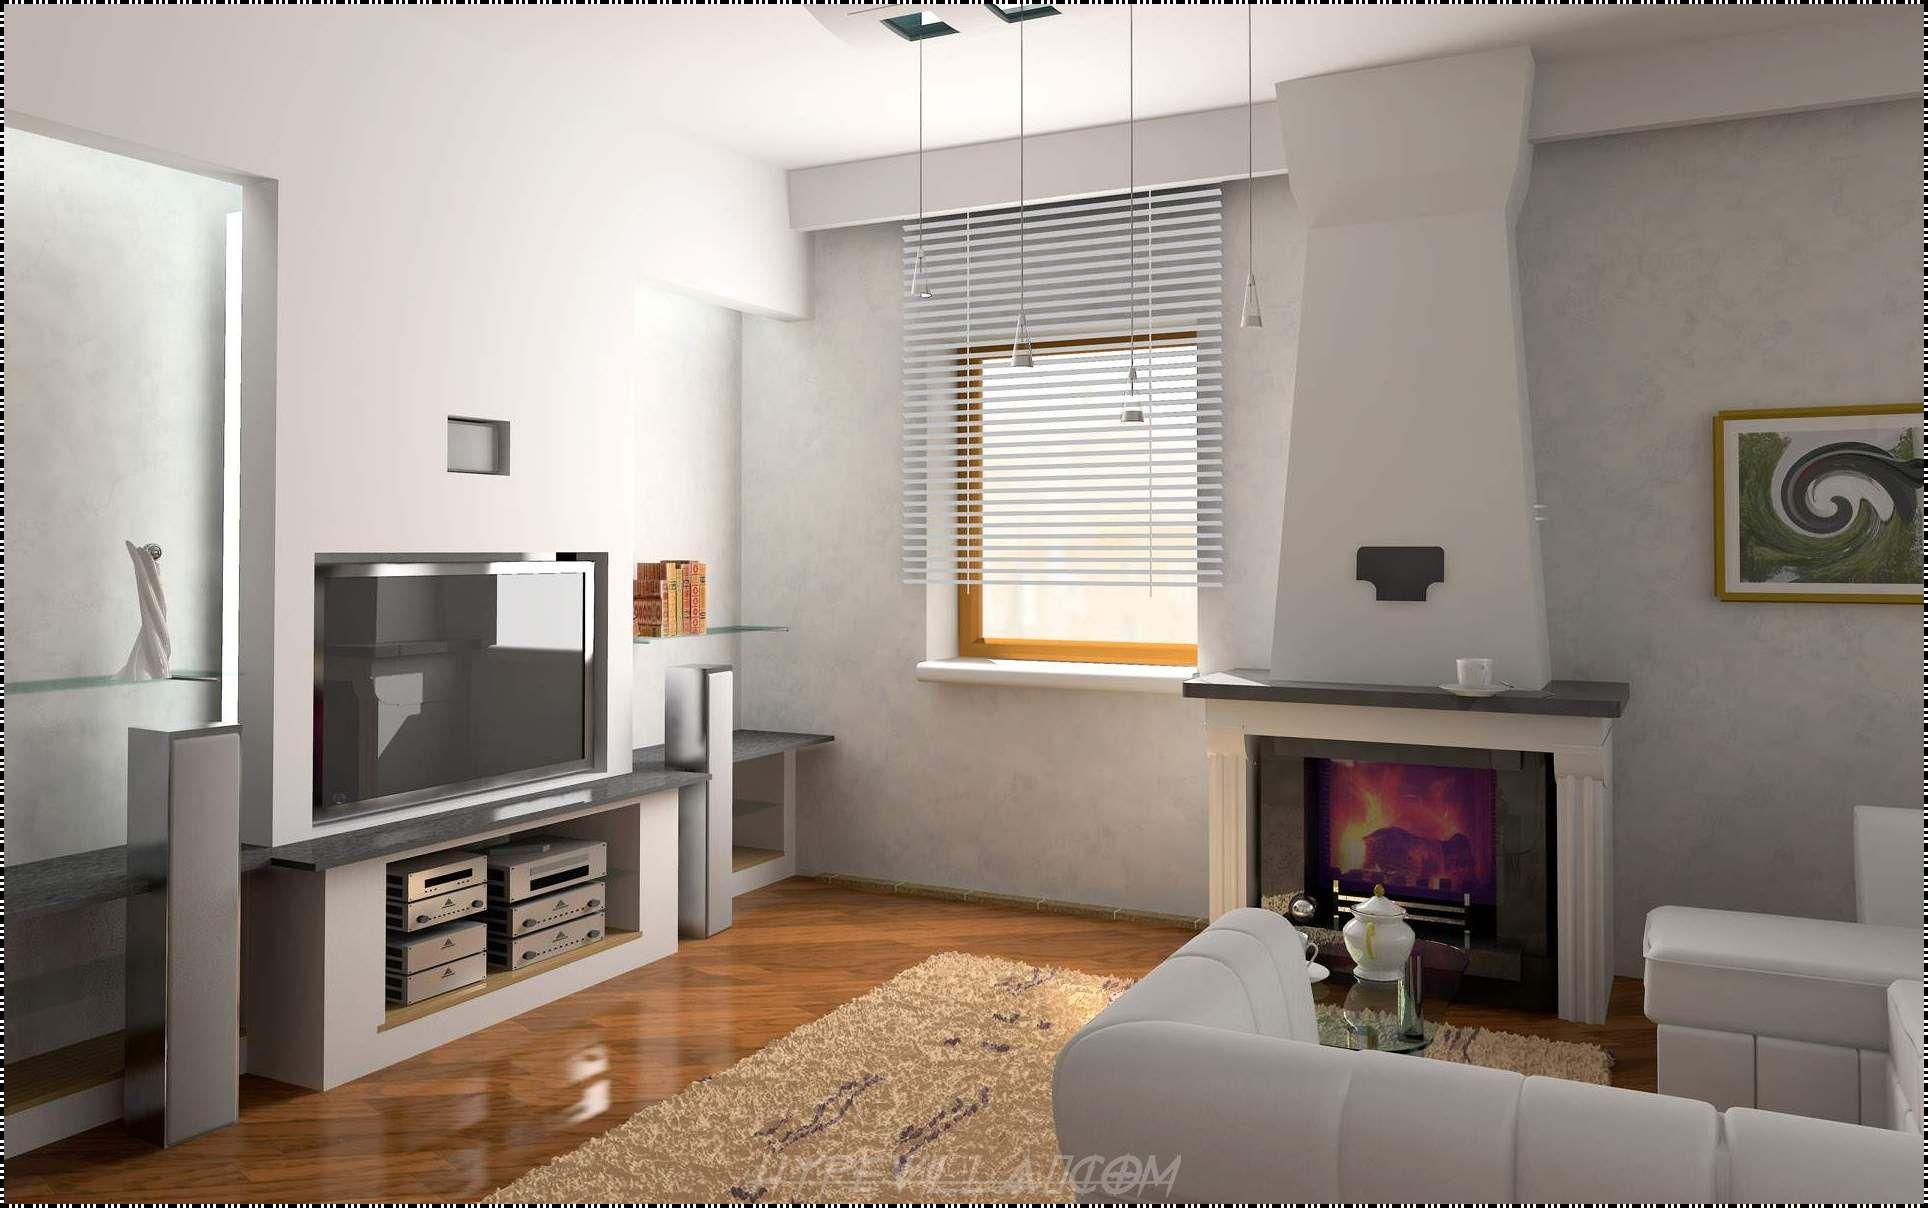 Effektive Tipps Für Die Dekoration Häuser Für Das Stilvolle Haus ...